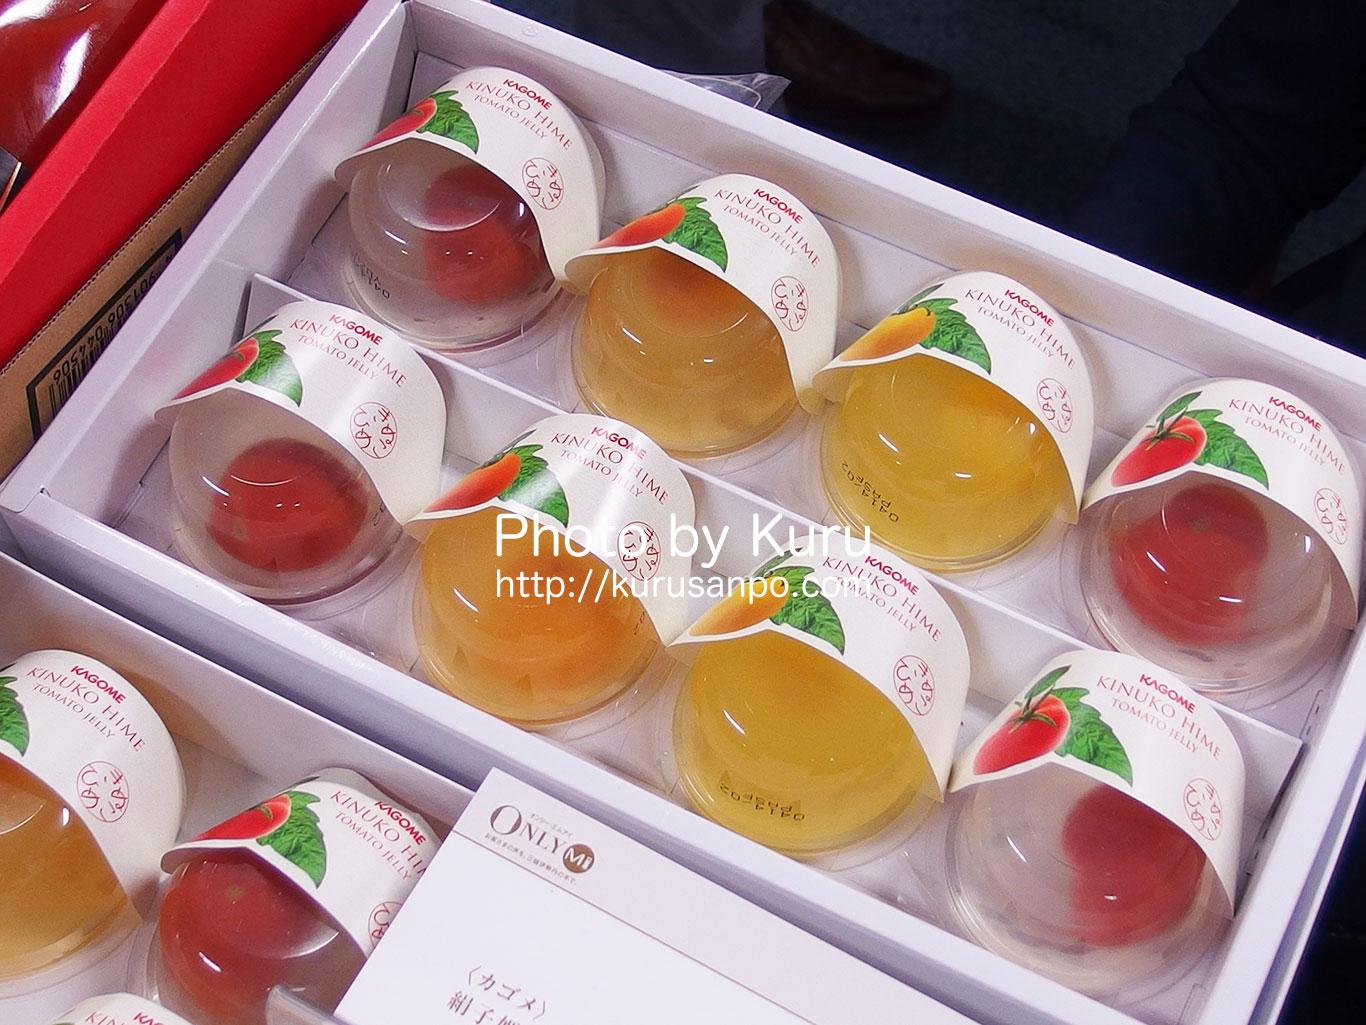 カゴメのお中元ギフト『絹子姫とまとゼリーギフト』フルーツみたいな甘いトマトゼリーです♪